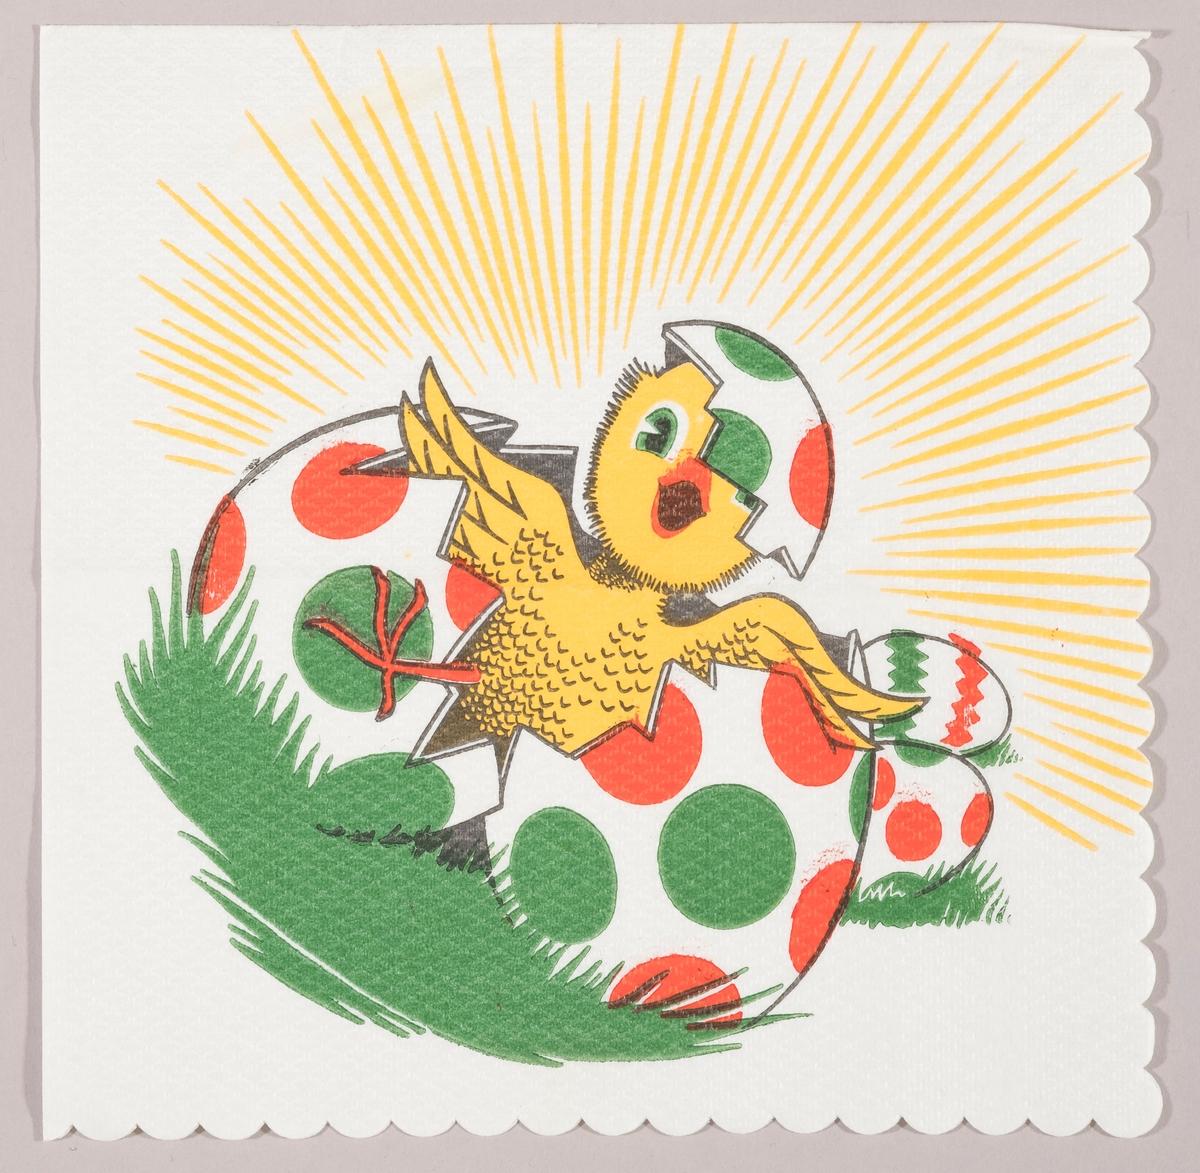 En kylling kommer ut av skallet til et påskeegg med røde og grønne prikker. Påskeegg i bakgrunnen og solståler.